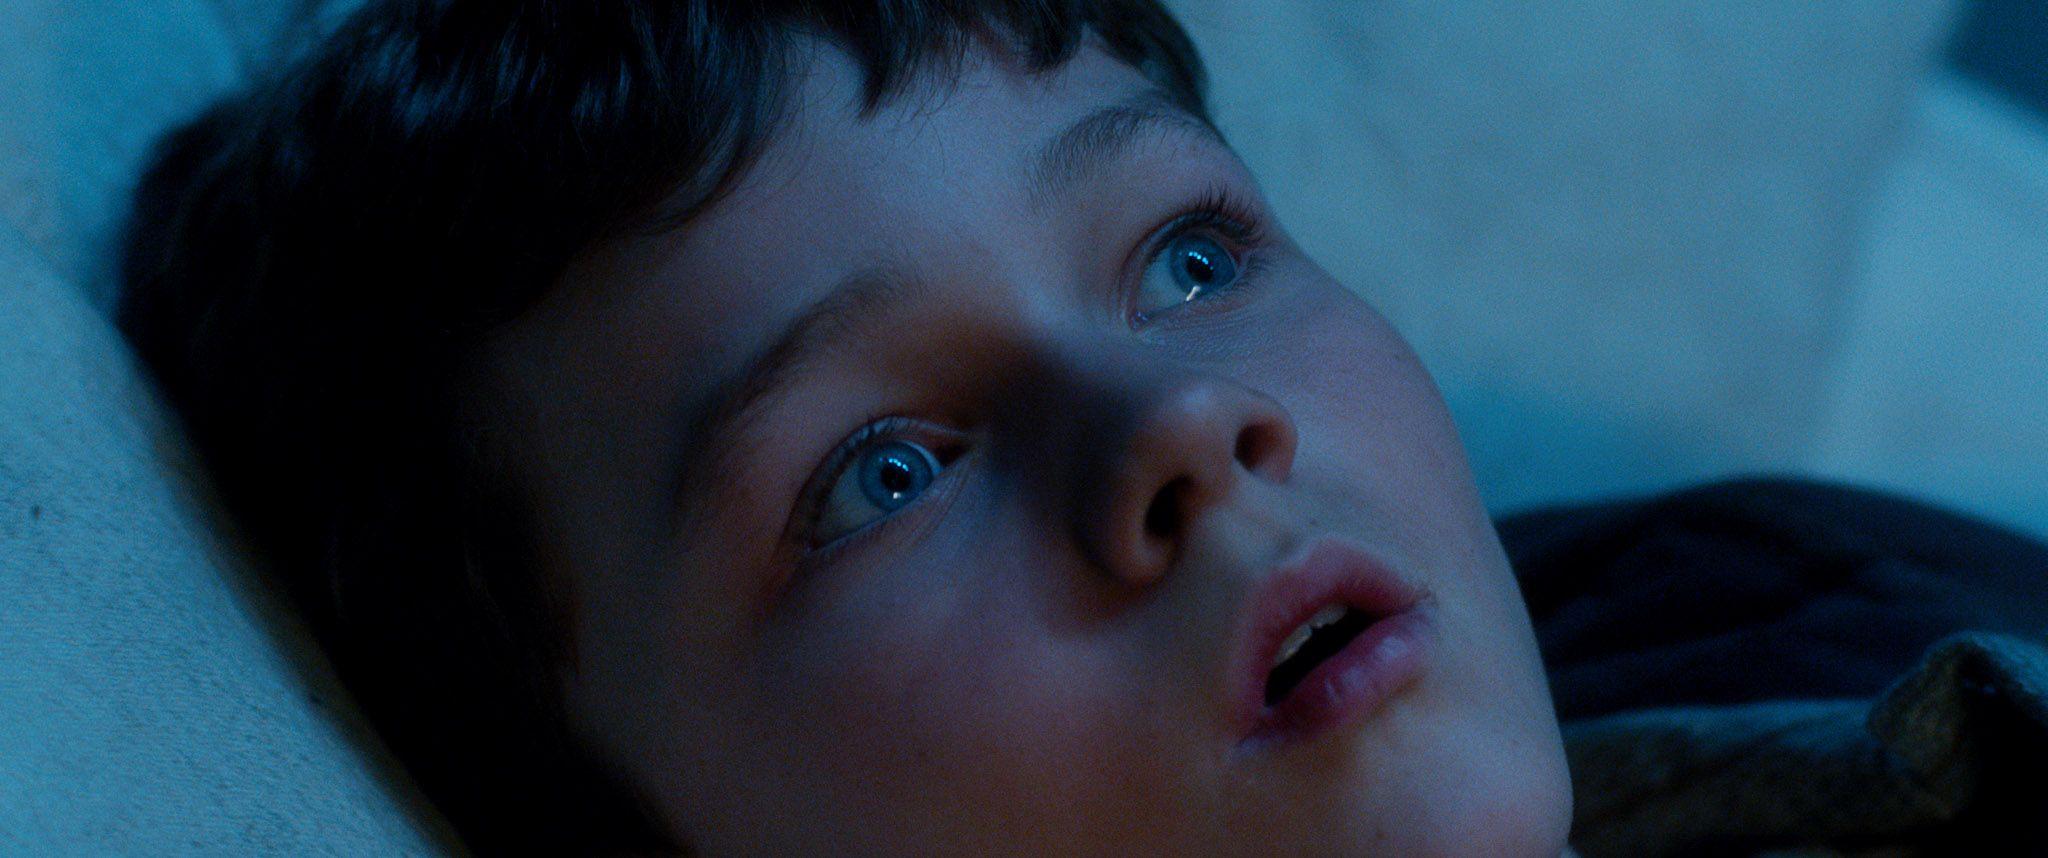 El Pequeno Peter No Sabe Lo Que Le Espera En Su Viaje A Nunca